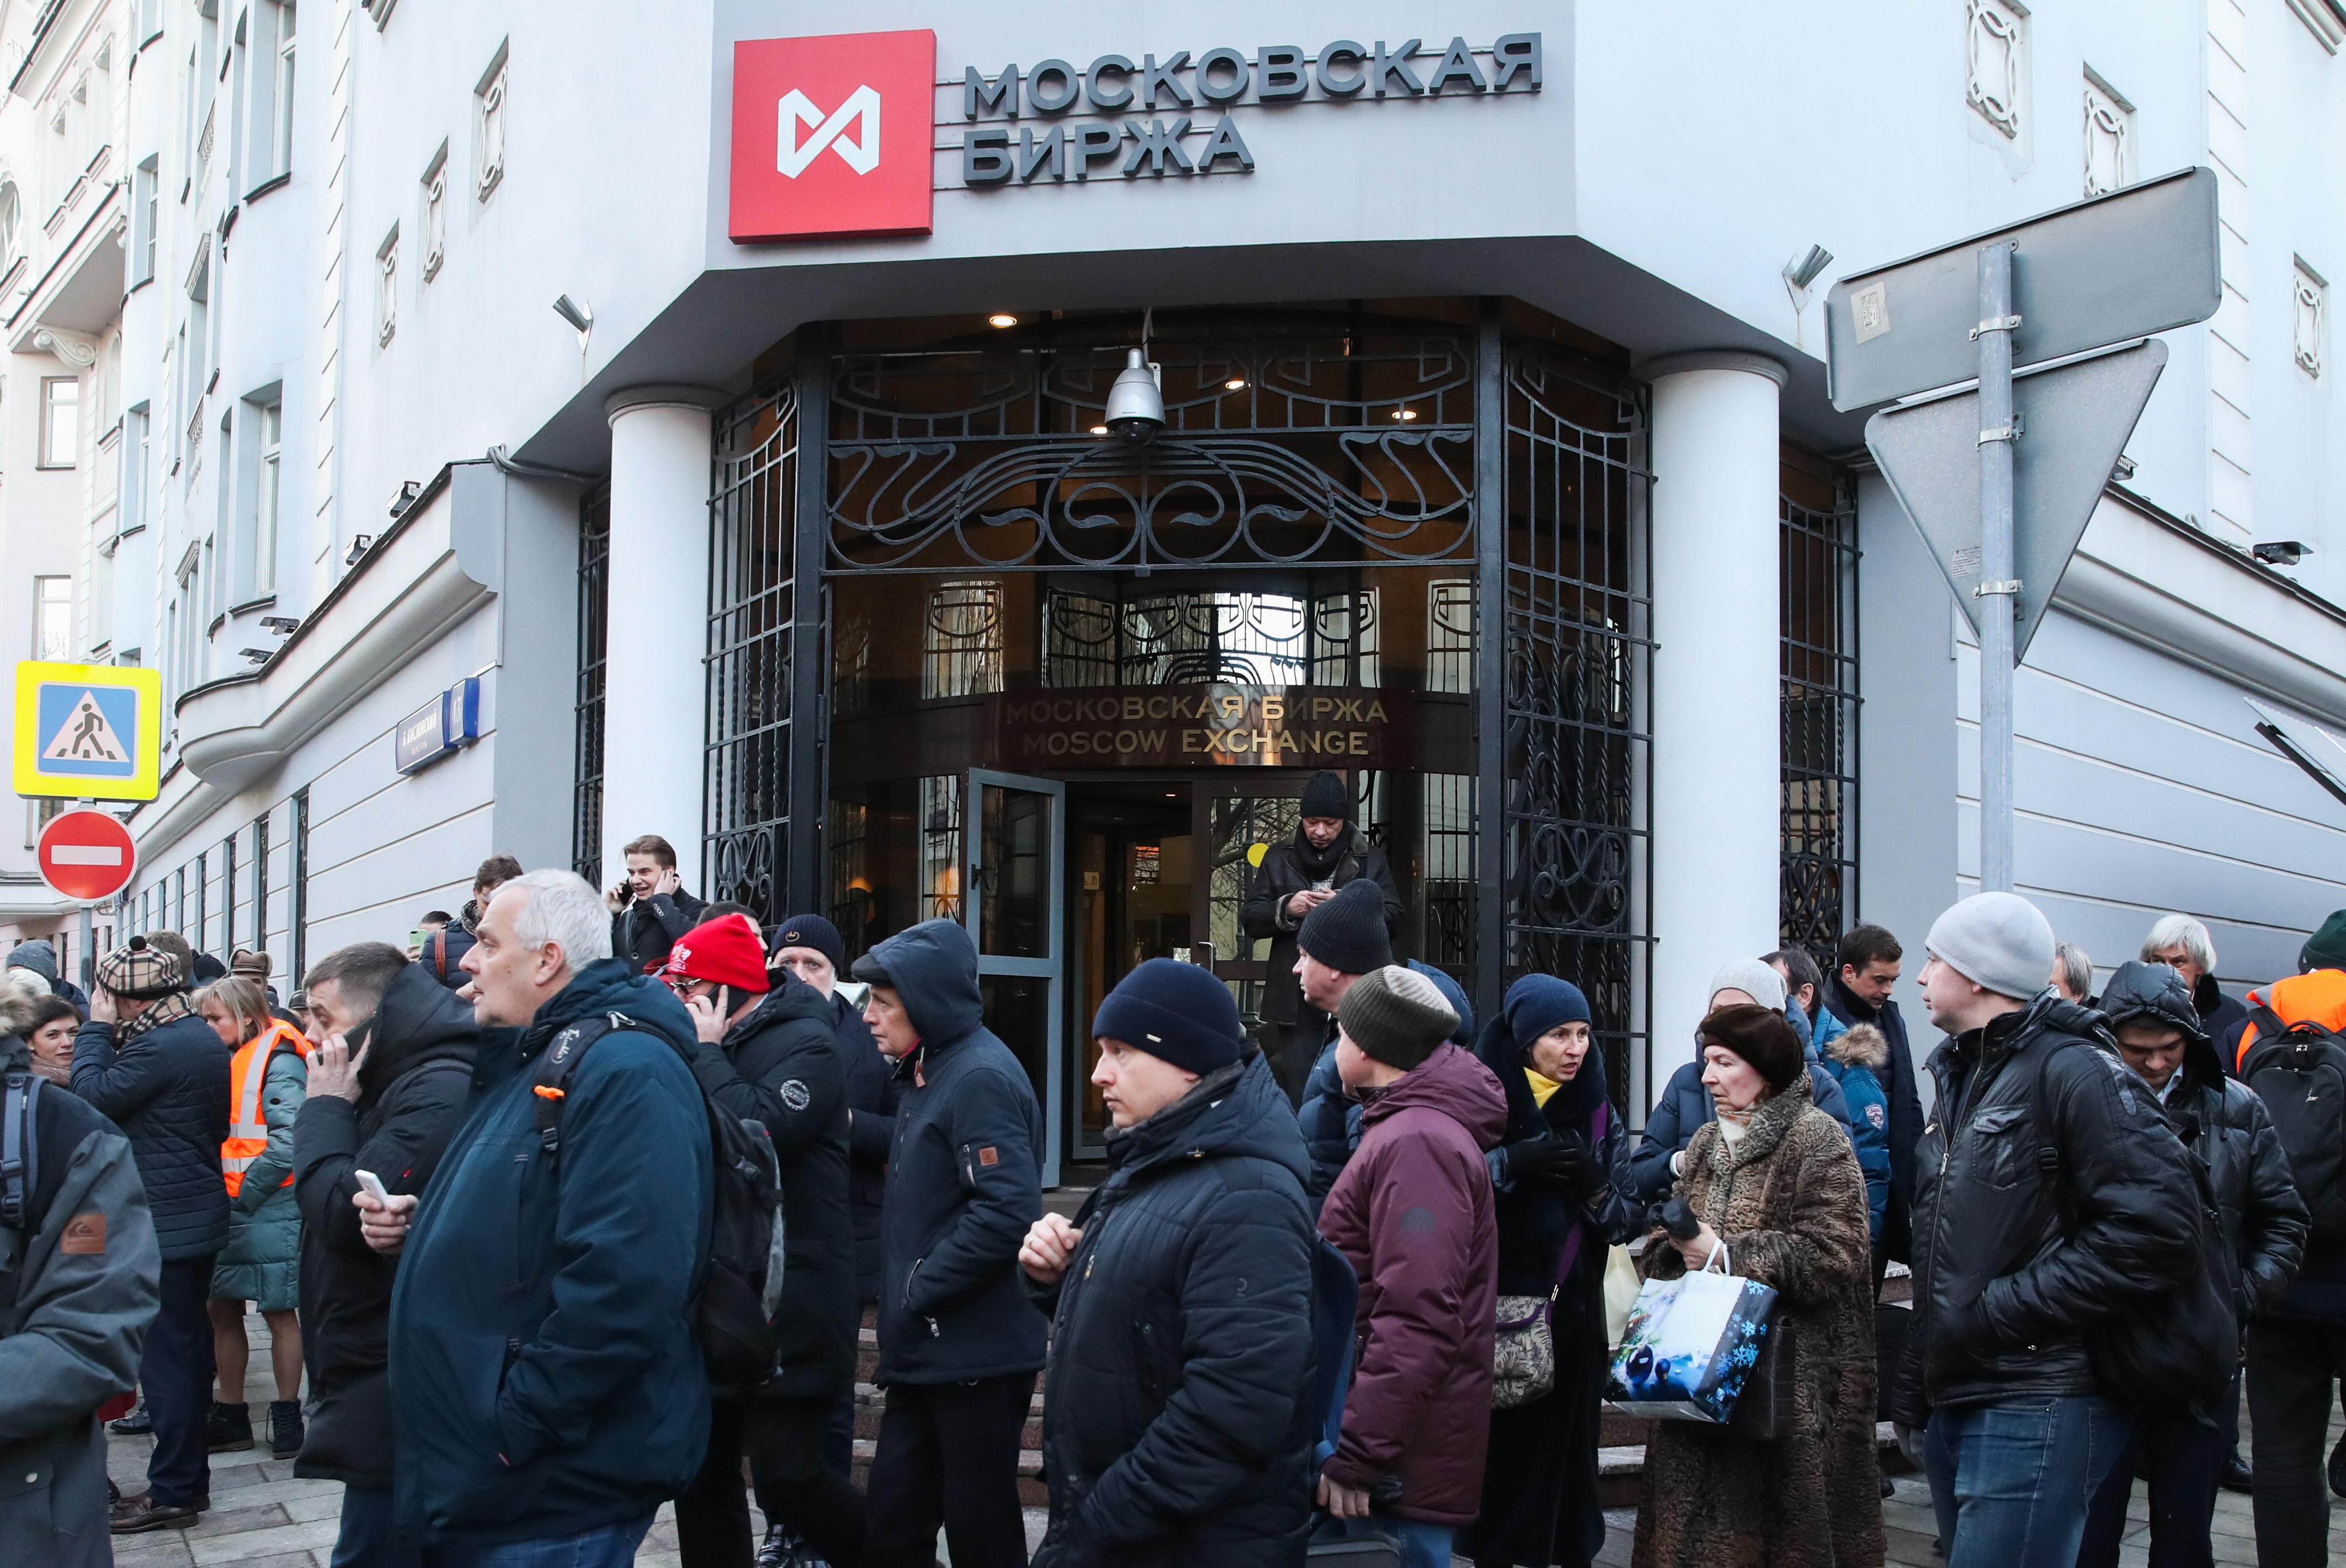 Количество частных инвесторов на Мосбирже может вырасти до 7 млн в 2020 году